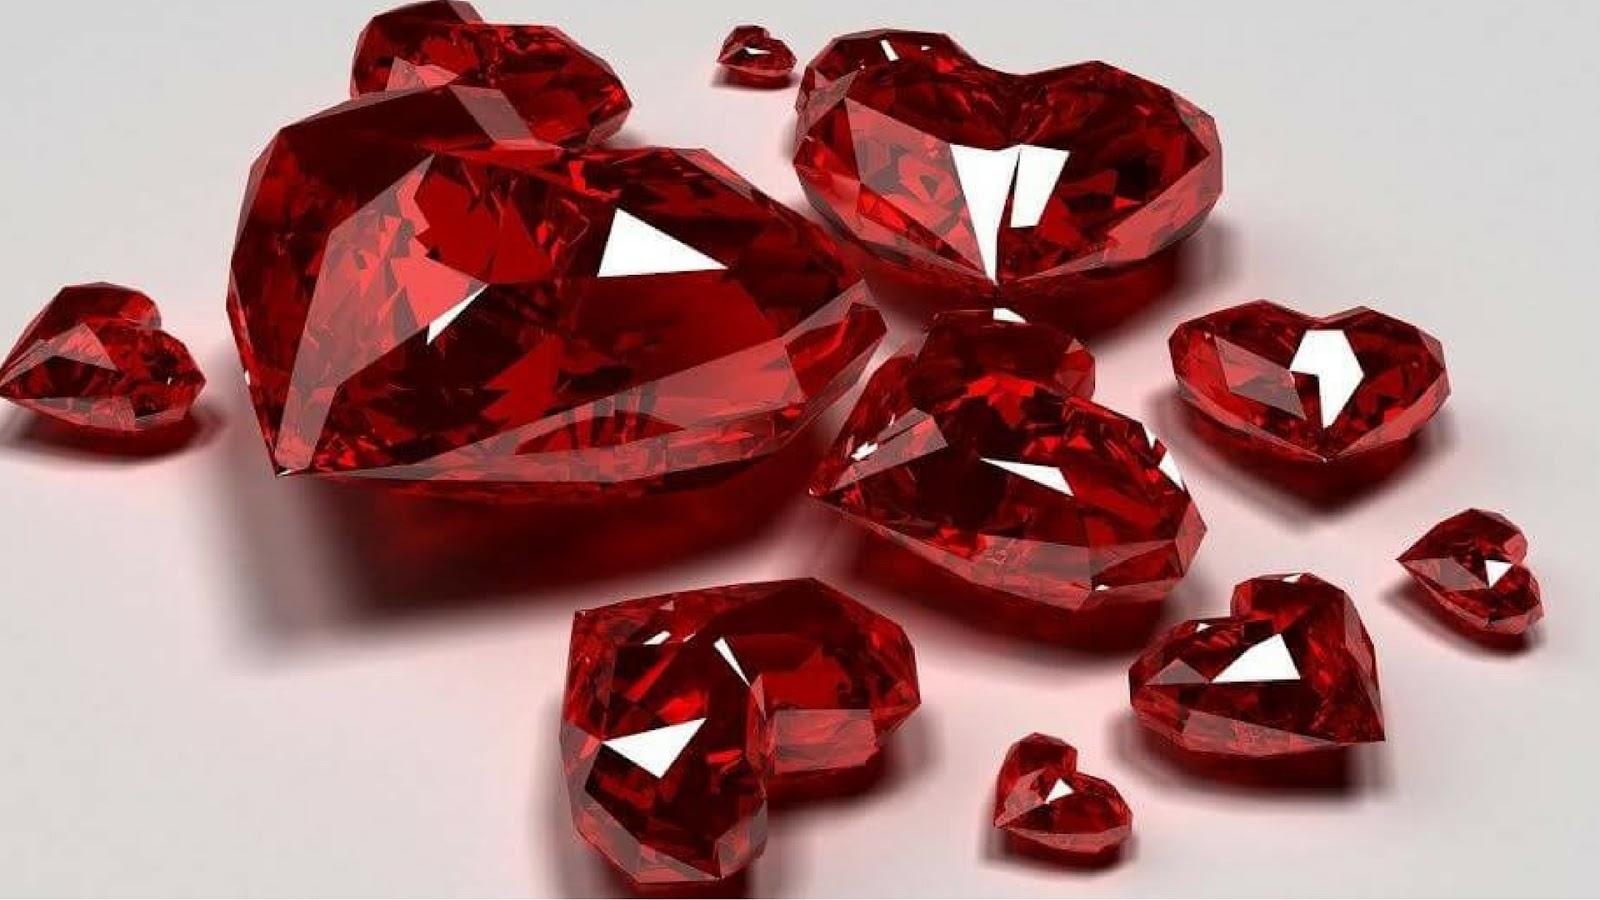 piedras preciosas la andesina